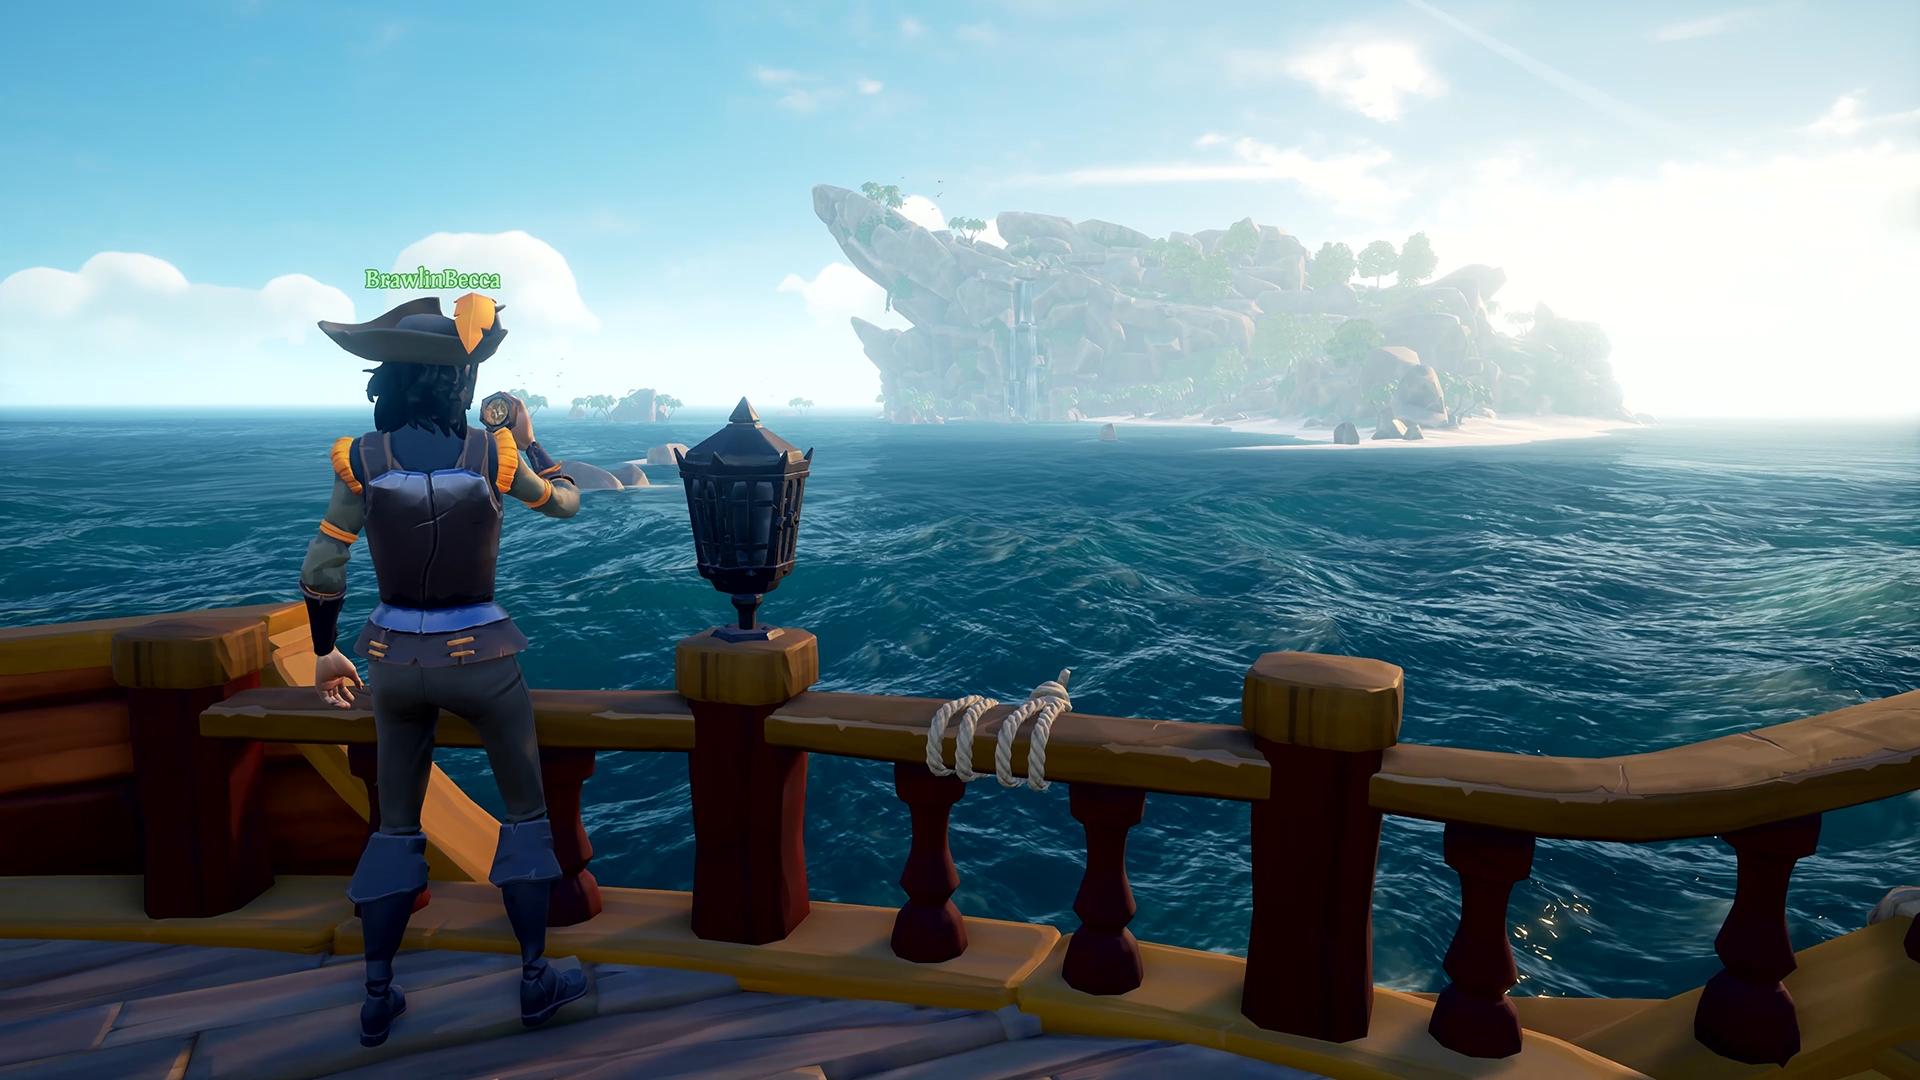 Sea of Thieves Screenshot 002